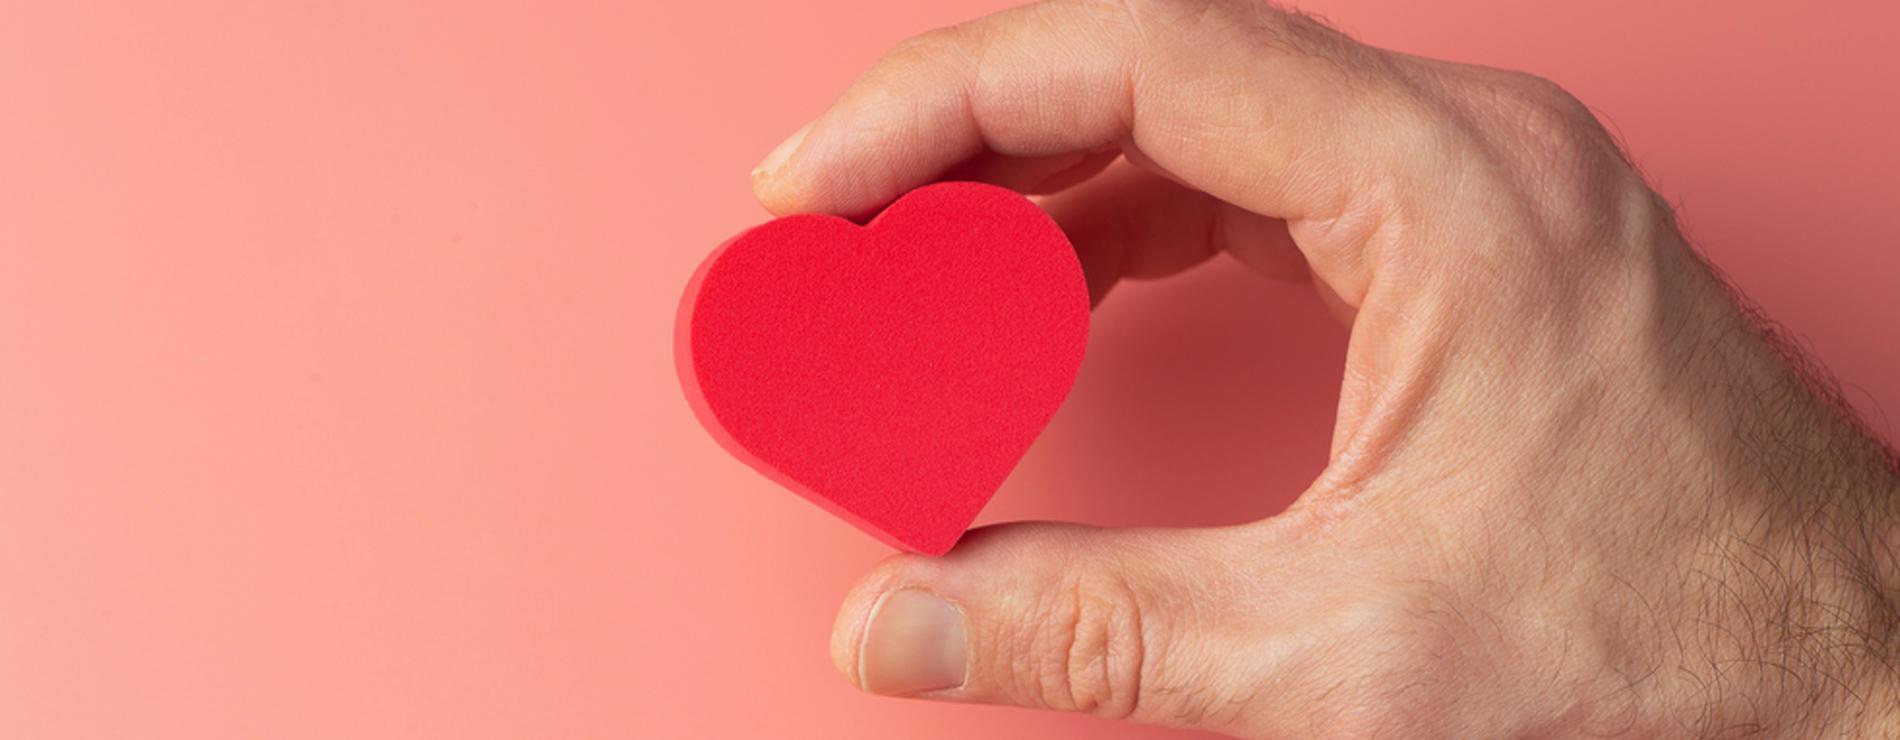 homem segurando coração vermelho